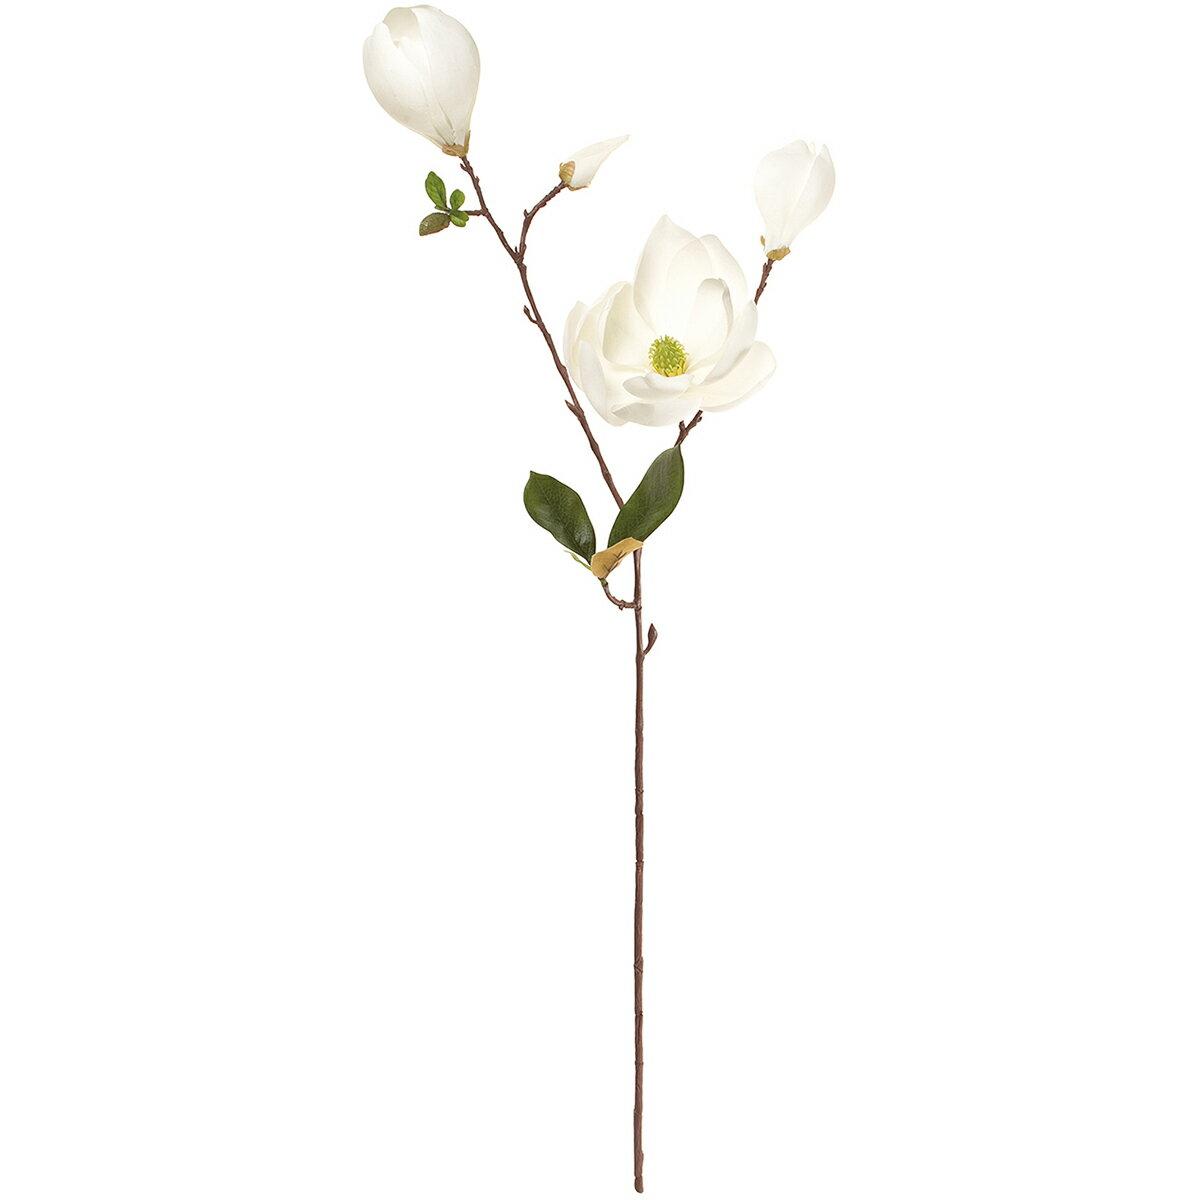 【造花】MAGIQ(東京堂)/ソレイユマグノリア #1 ホワイト/FM002023-001【01】【01】【取寄】《 造花(アーティフィシャルフラワー) 造花 花材「ま行」 モクレン(木蓮)・マグノリア 》